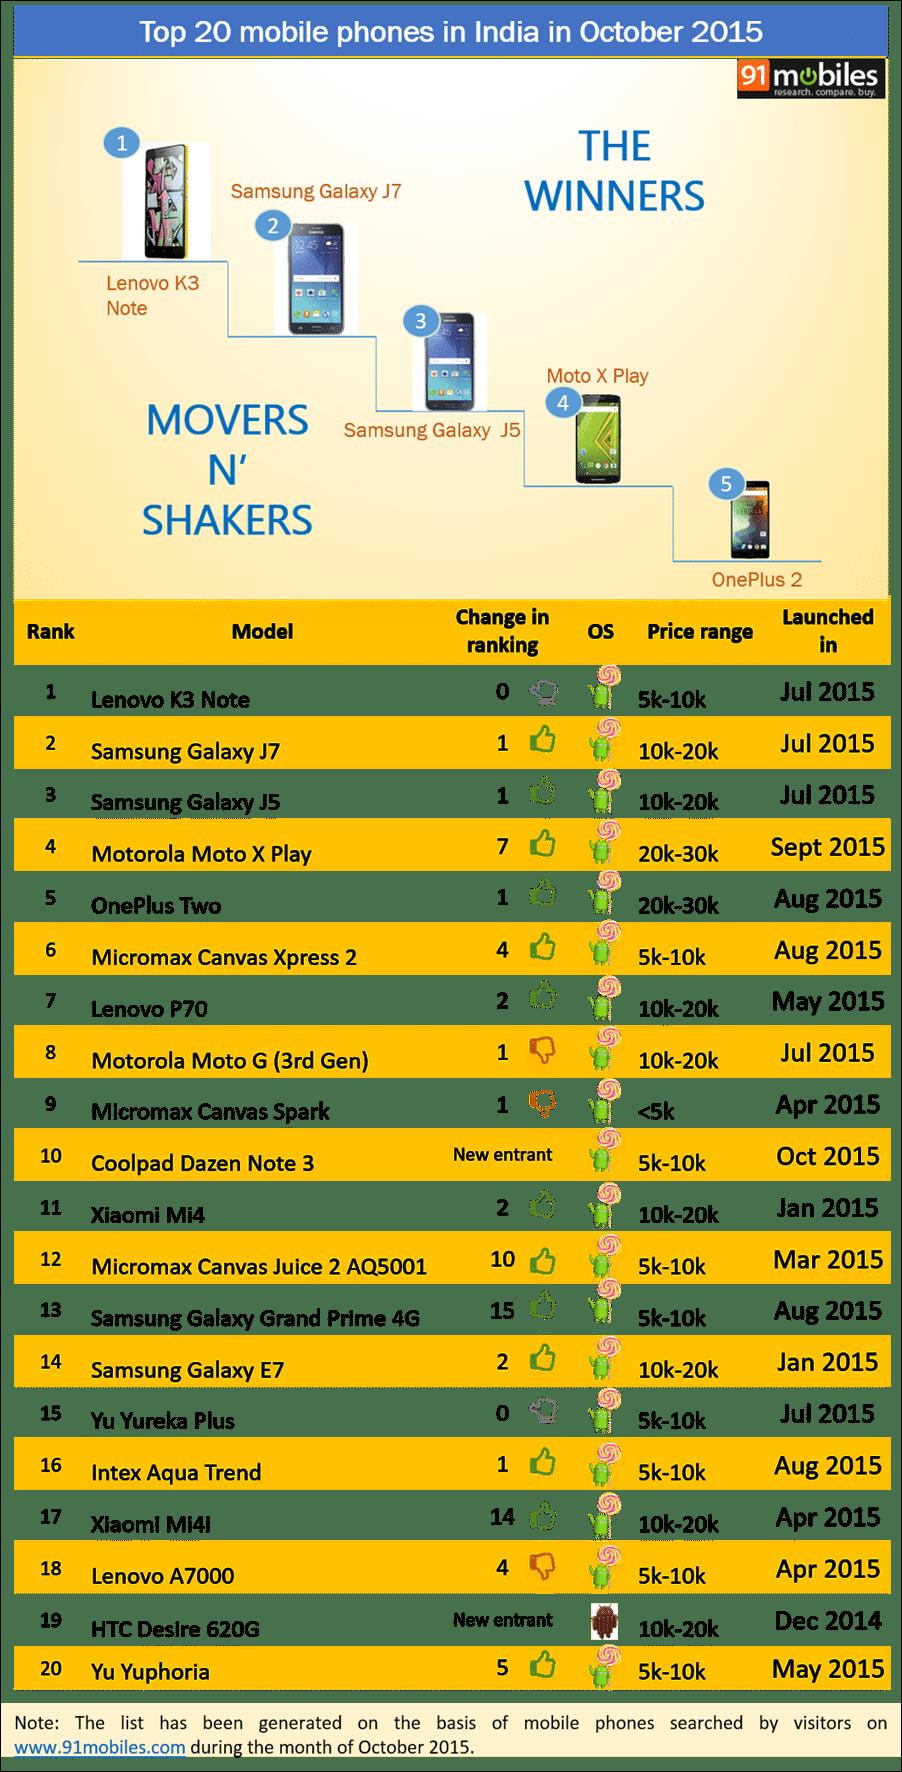 Top 20 mobile phones in India in October 2015